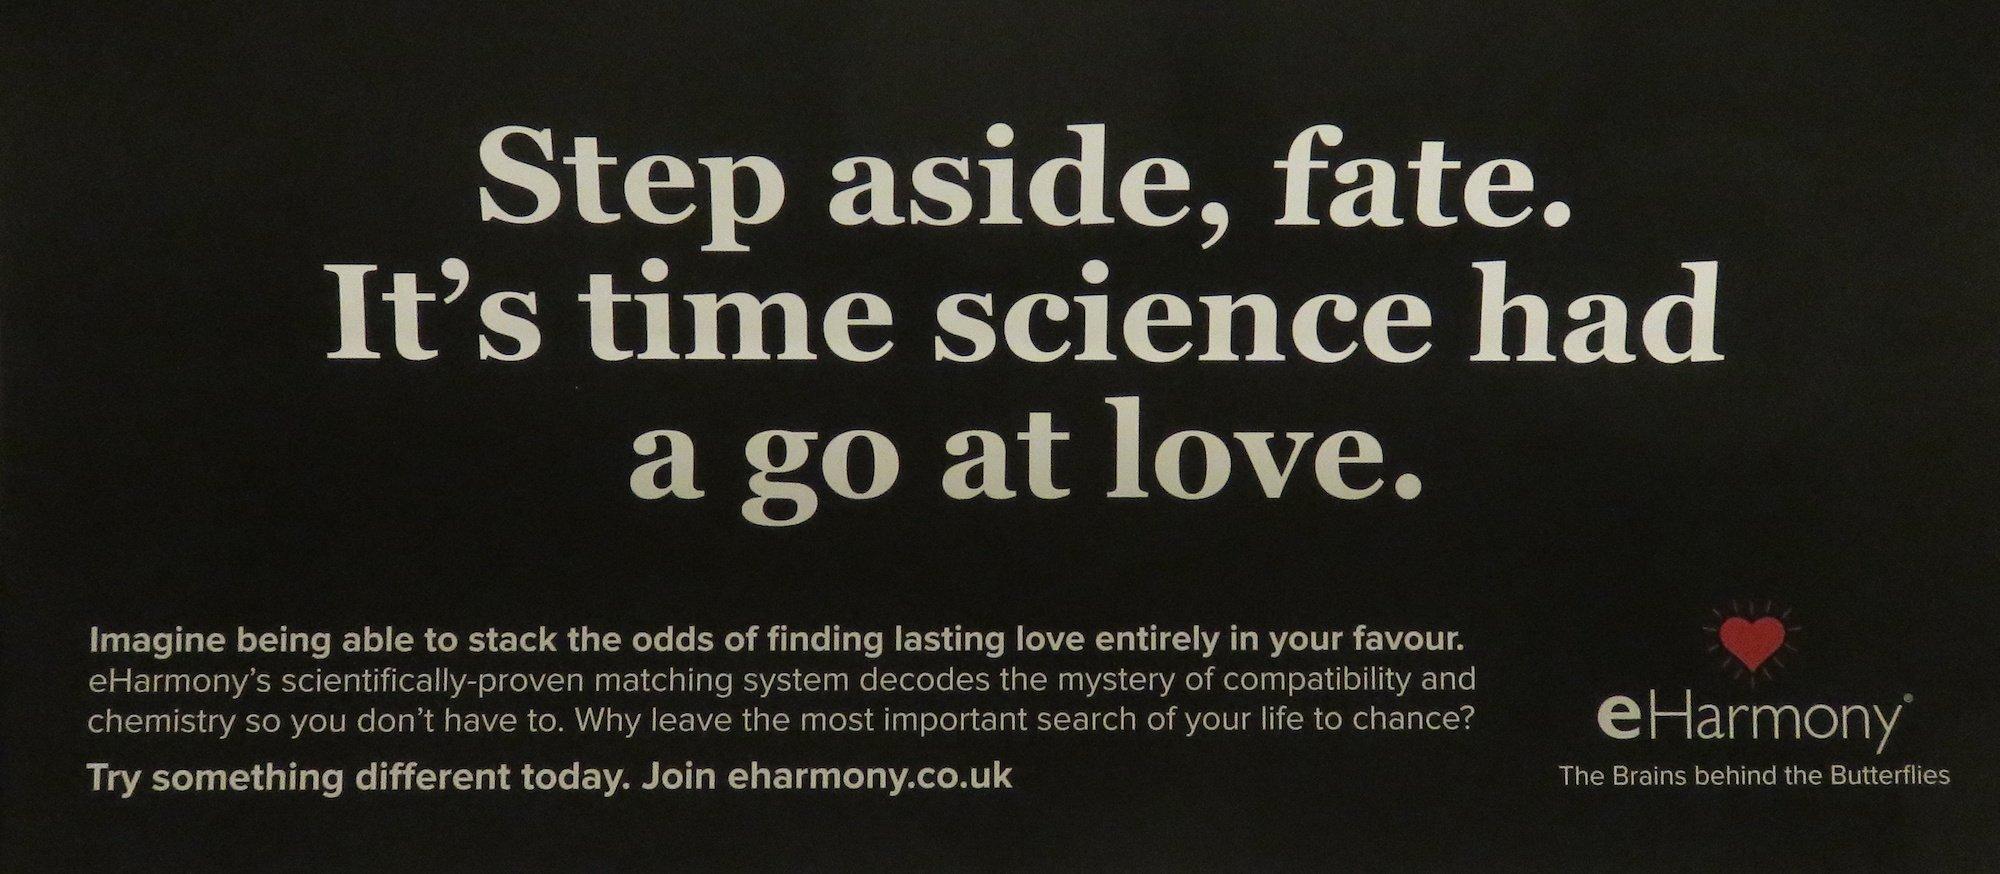 eHarmony Ad